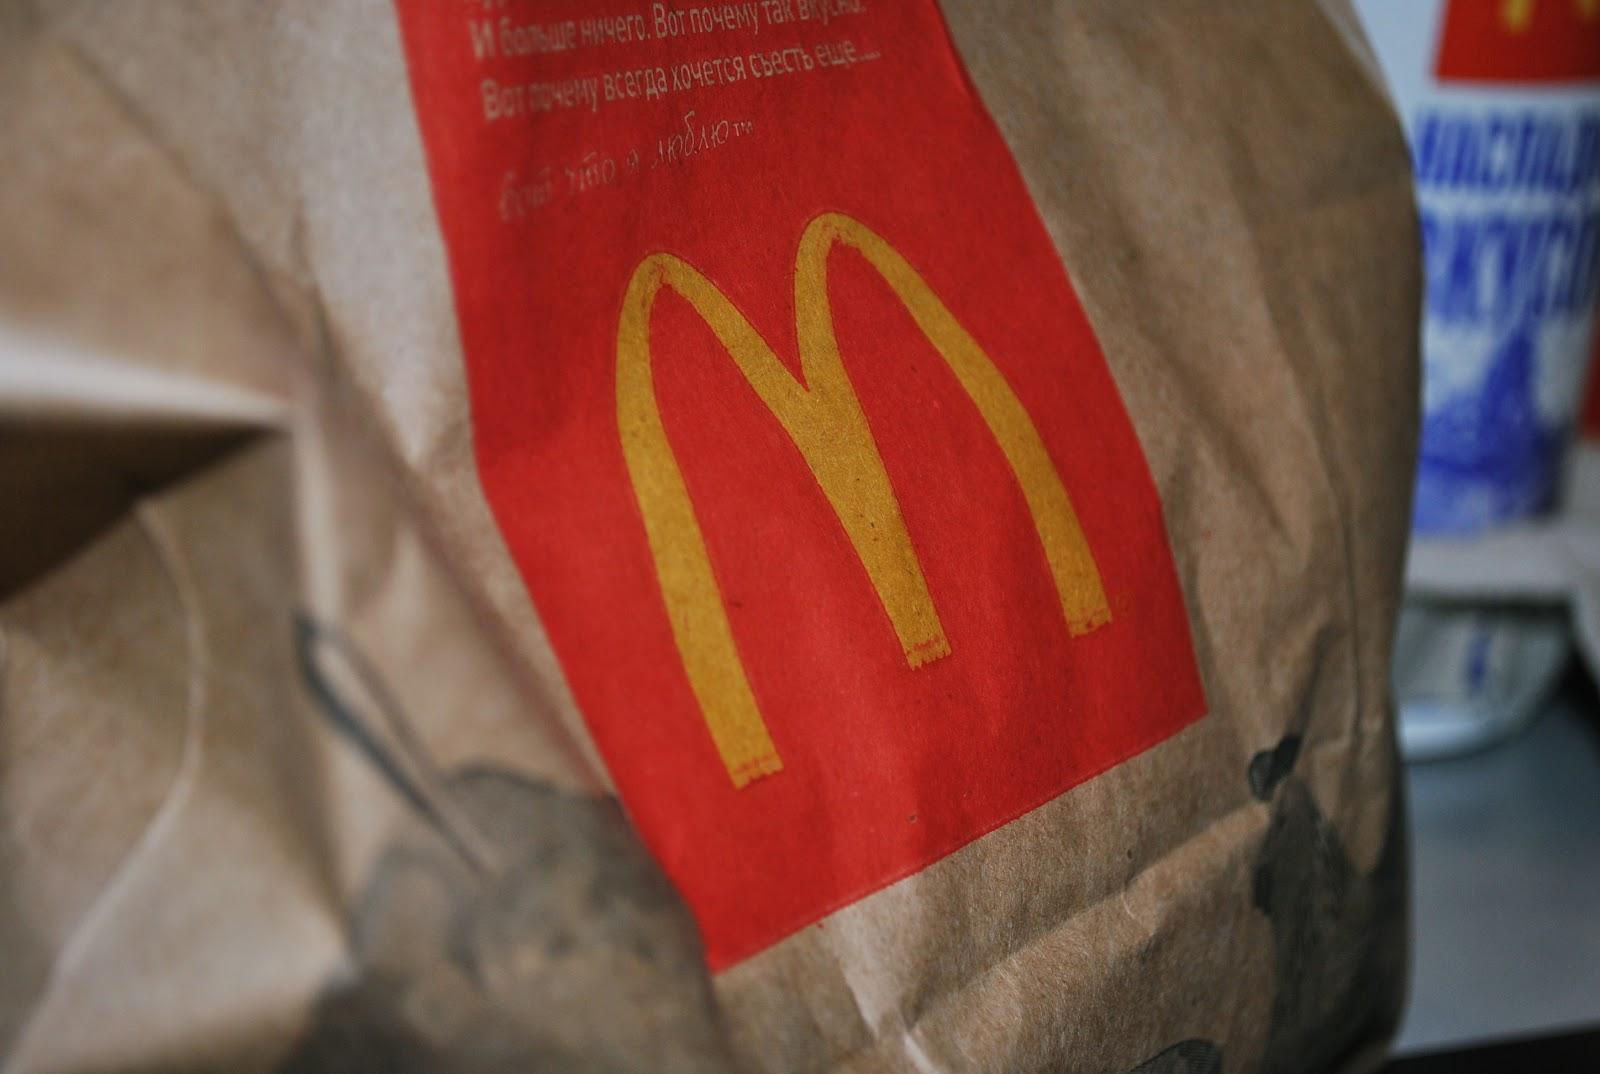 Ресторан «Макдоналдс» (McDonalds) - МАКСИ